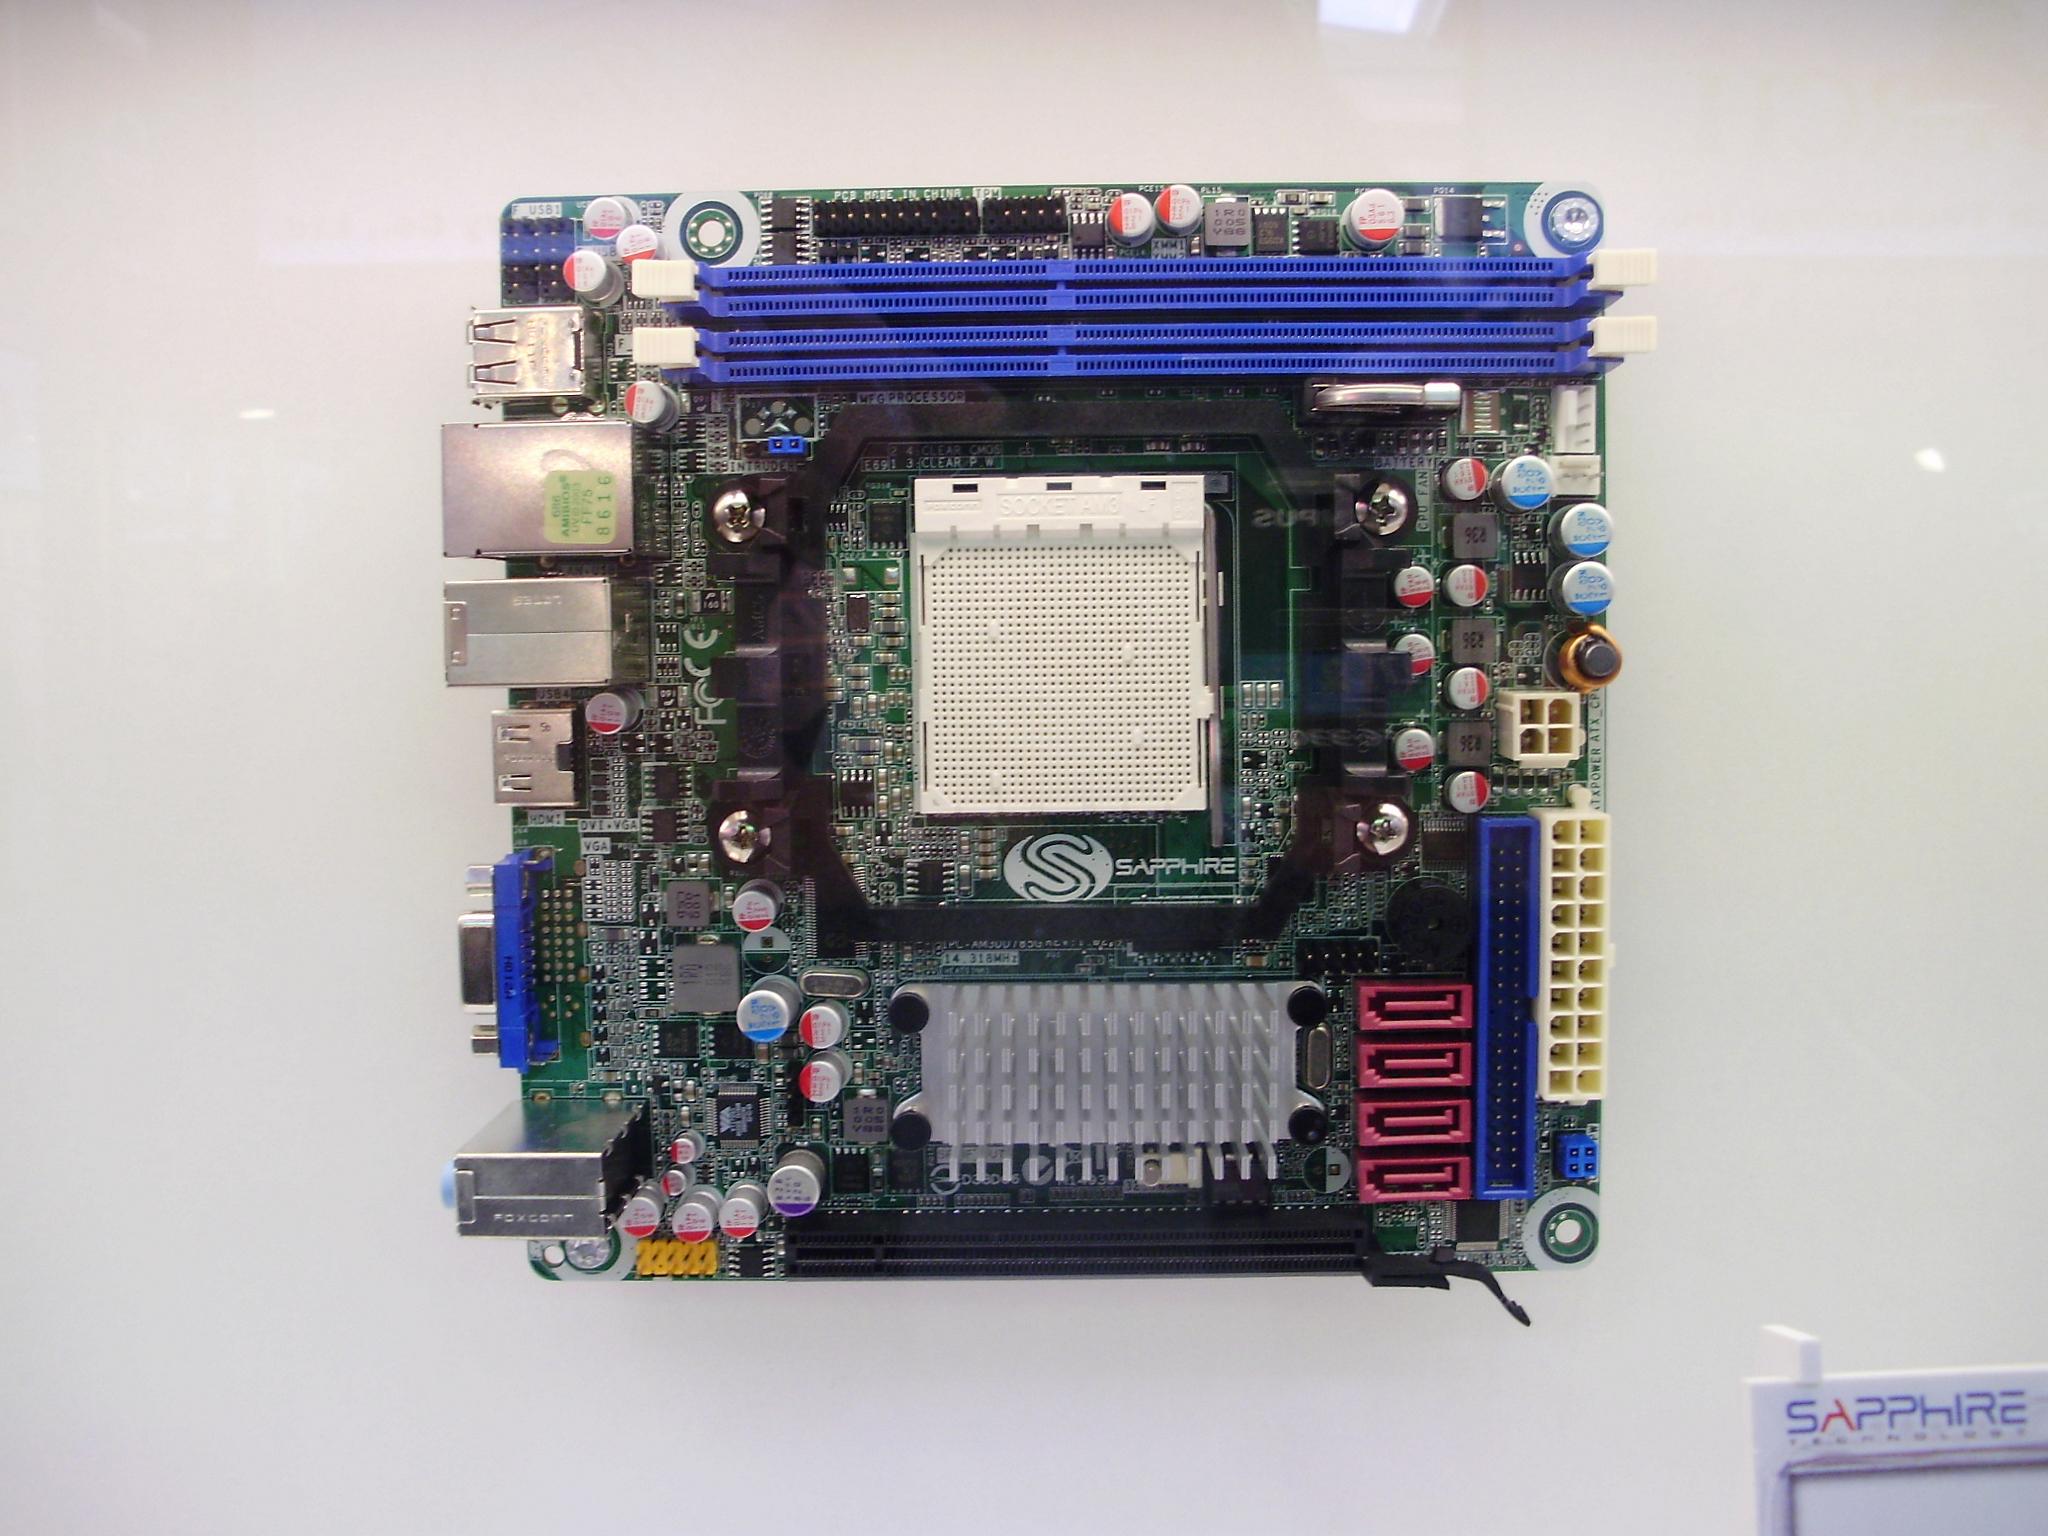 Sapphire Pure Mini 785G mITX - reanimacja